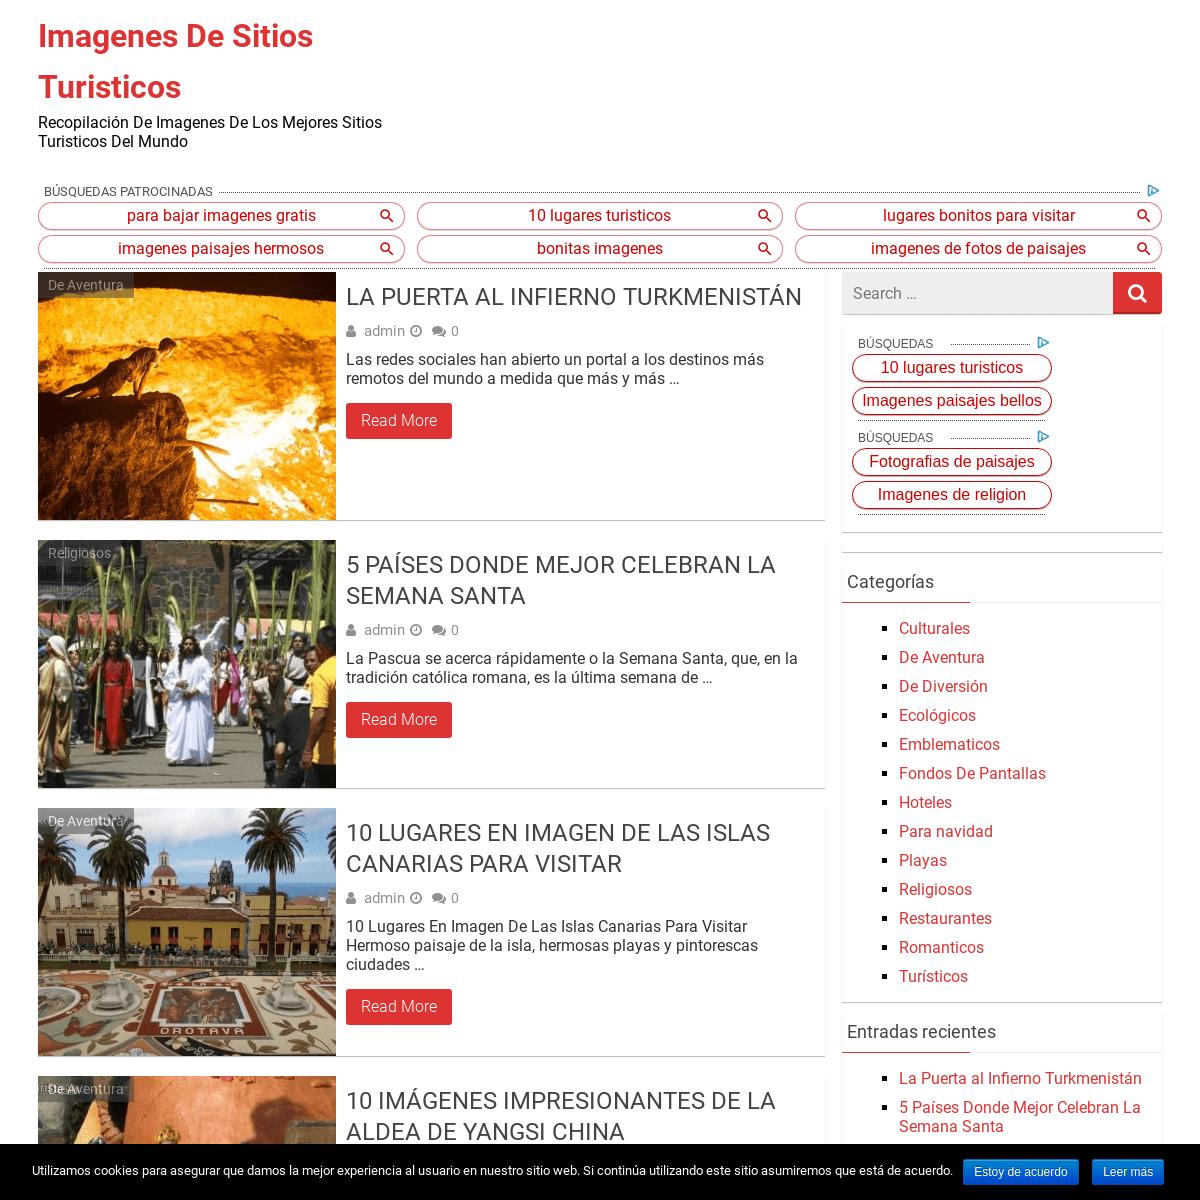 Imagenes De Sitios Turisticos